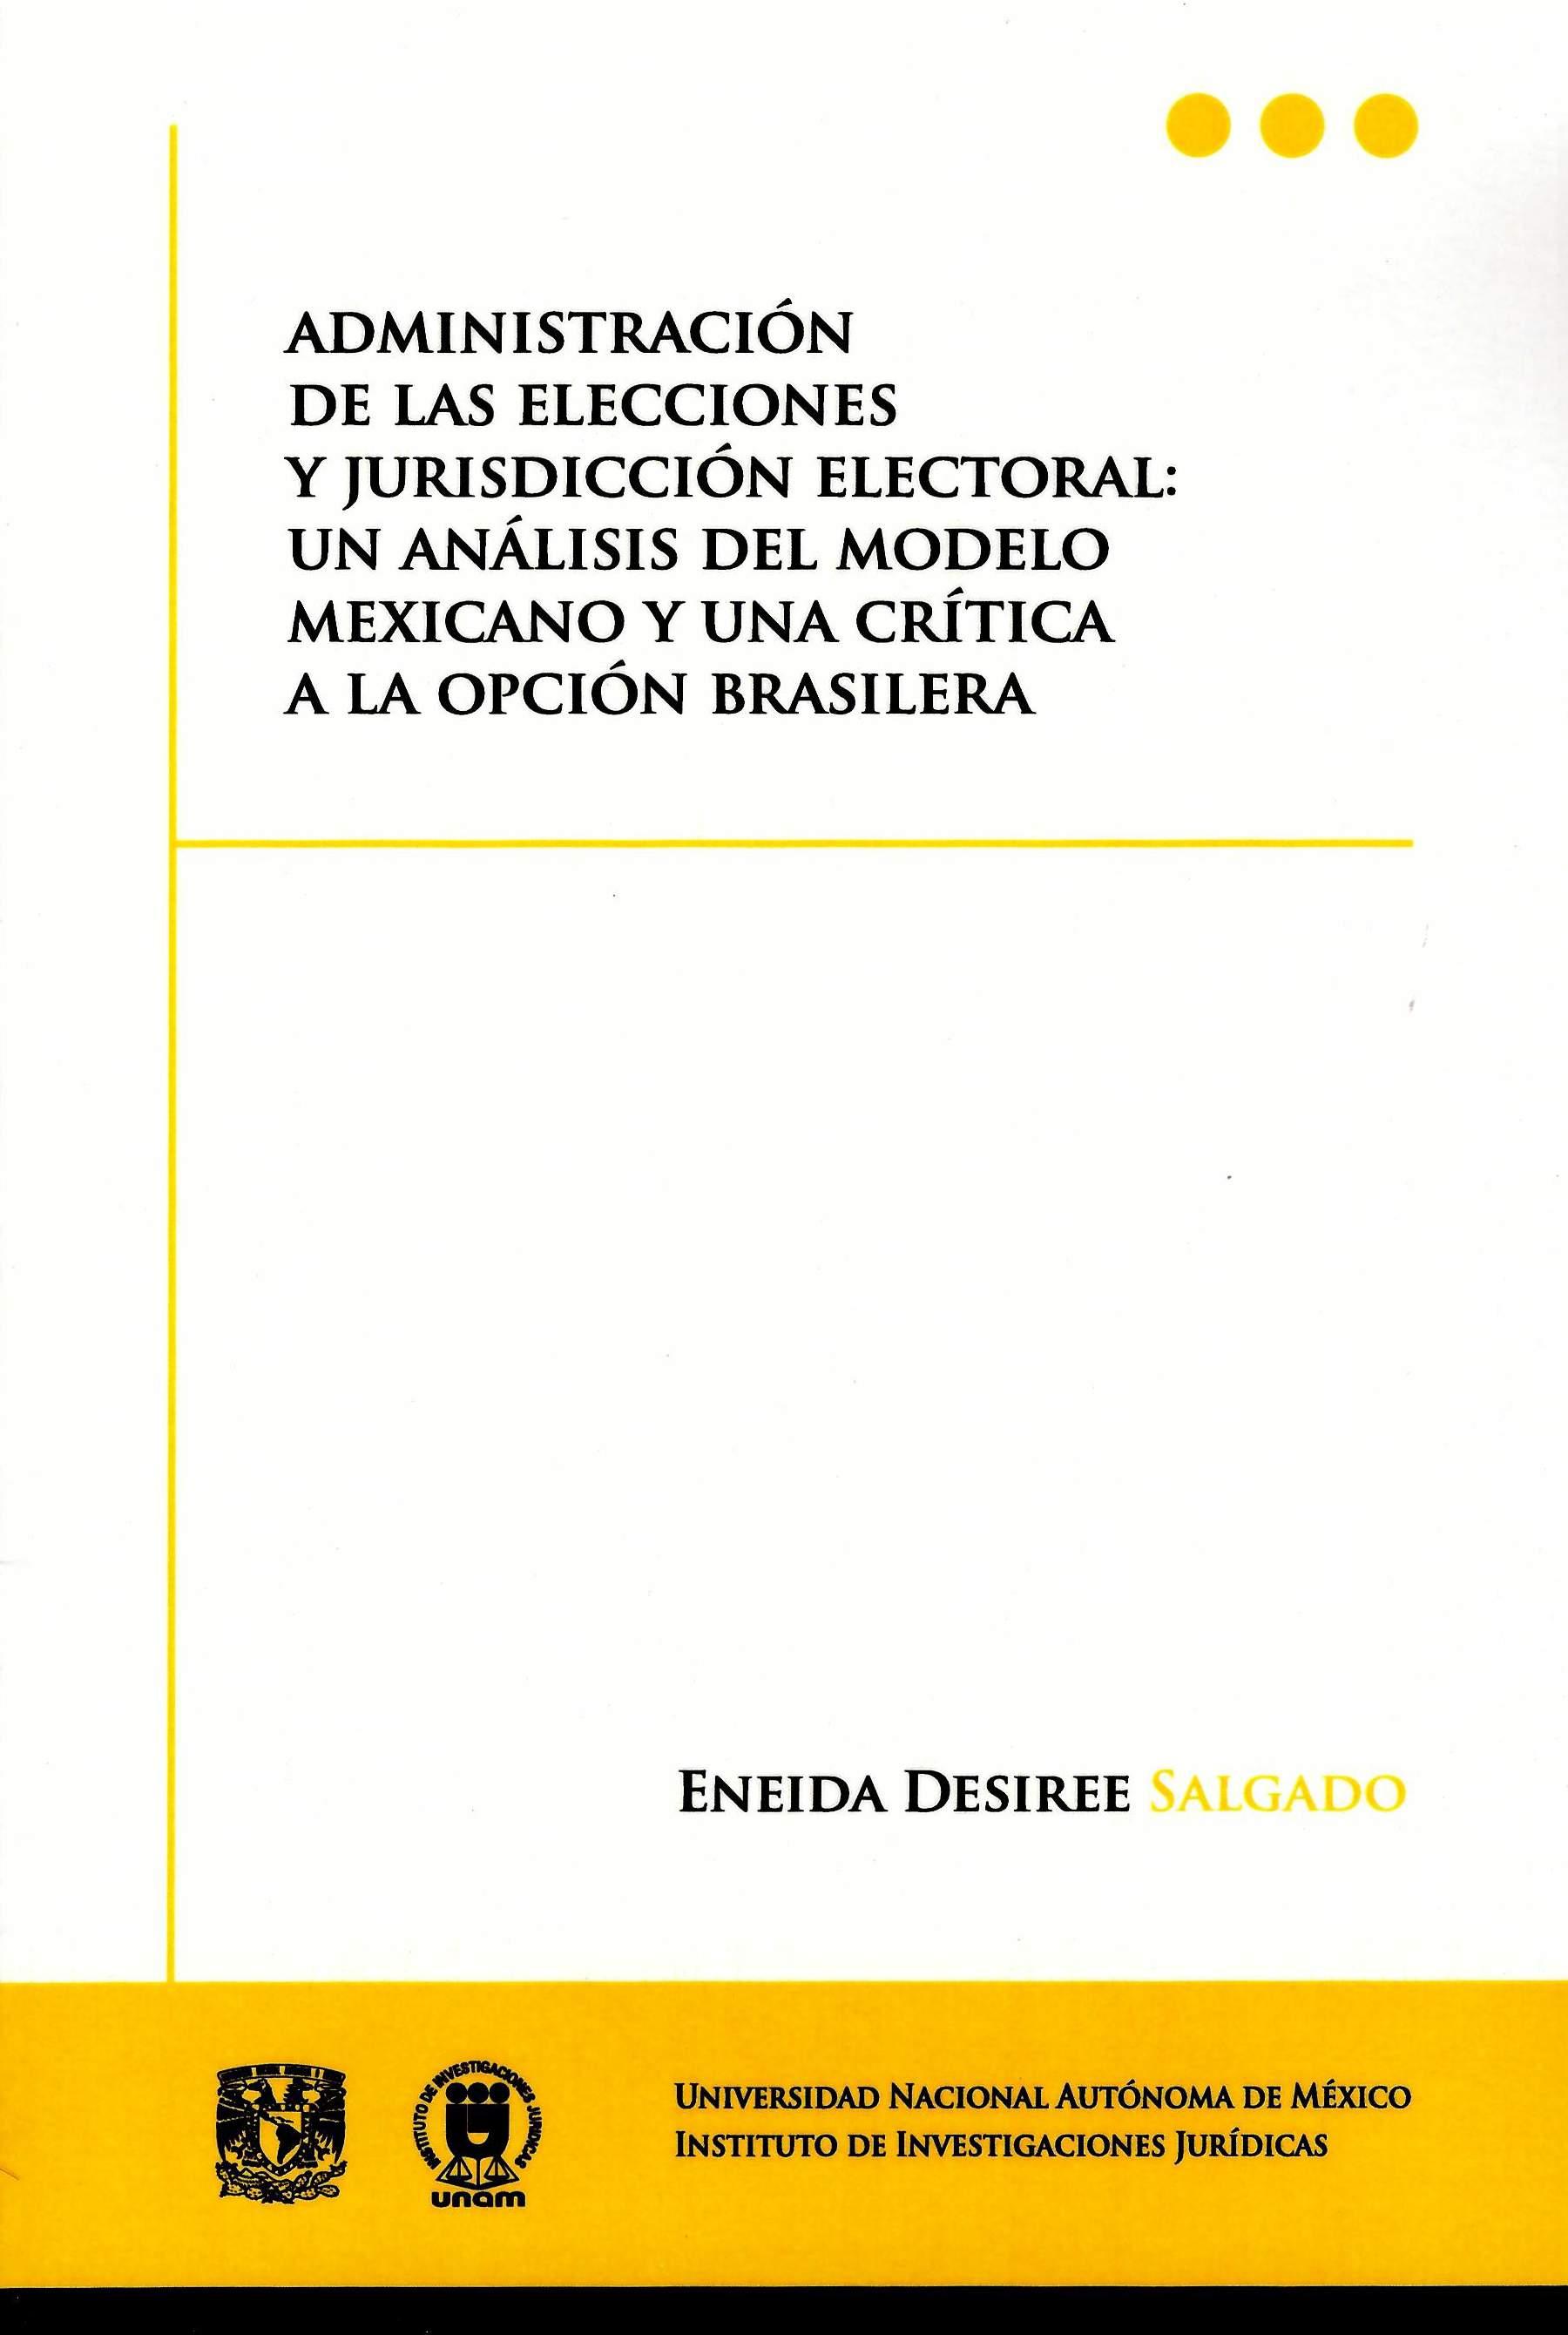 Administración de las elecciones y jurisdicción electoral: un análisis del modelo mexicano